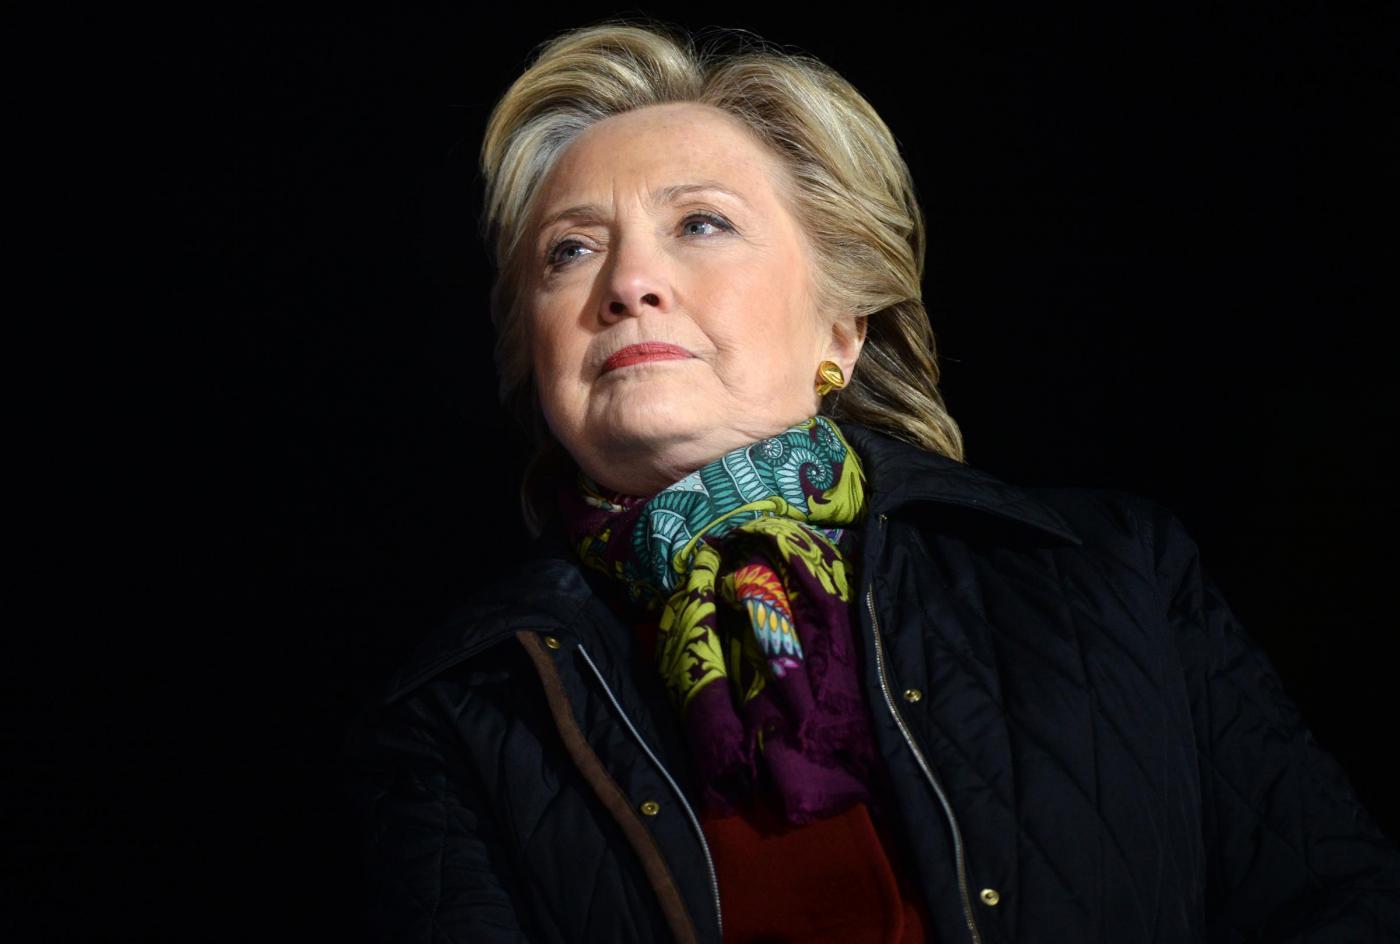 Elezioni Usa 2016: guai per la Clinton che invita l'Fbi a pubblicare la nuova indagine sulle email